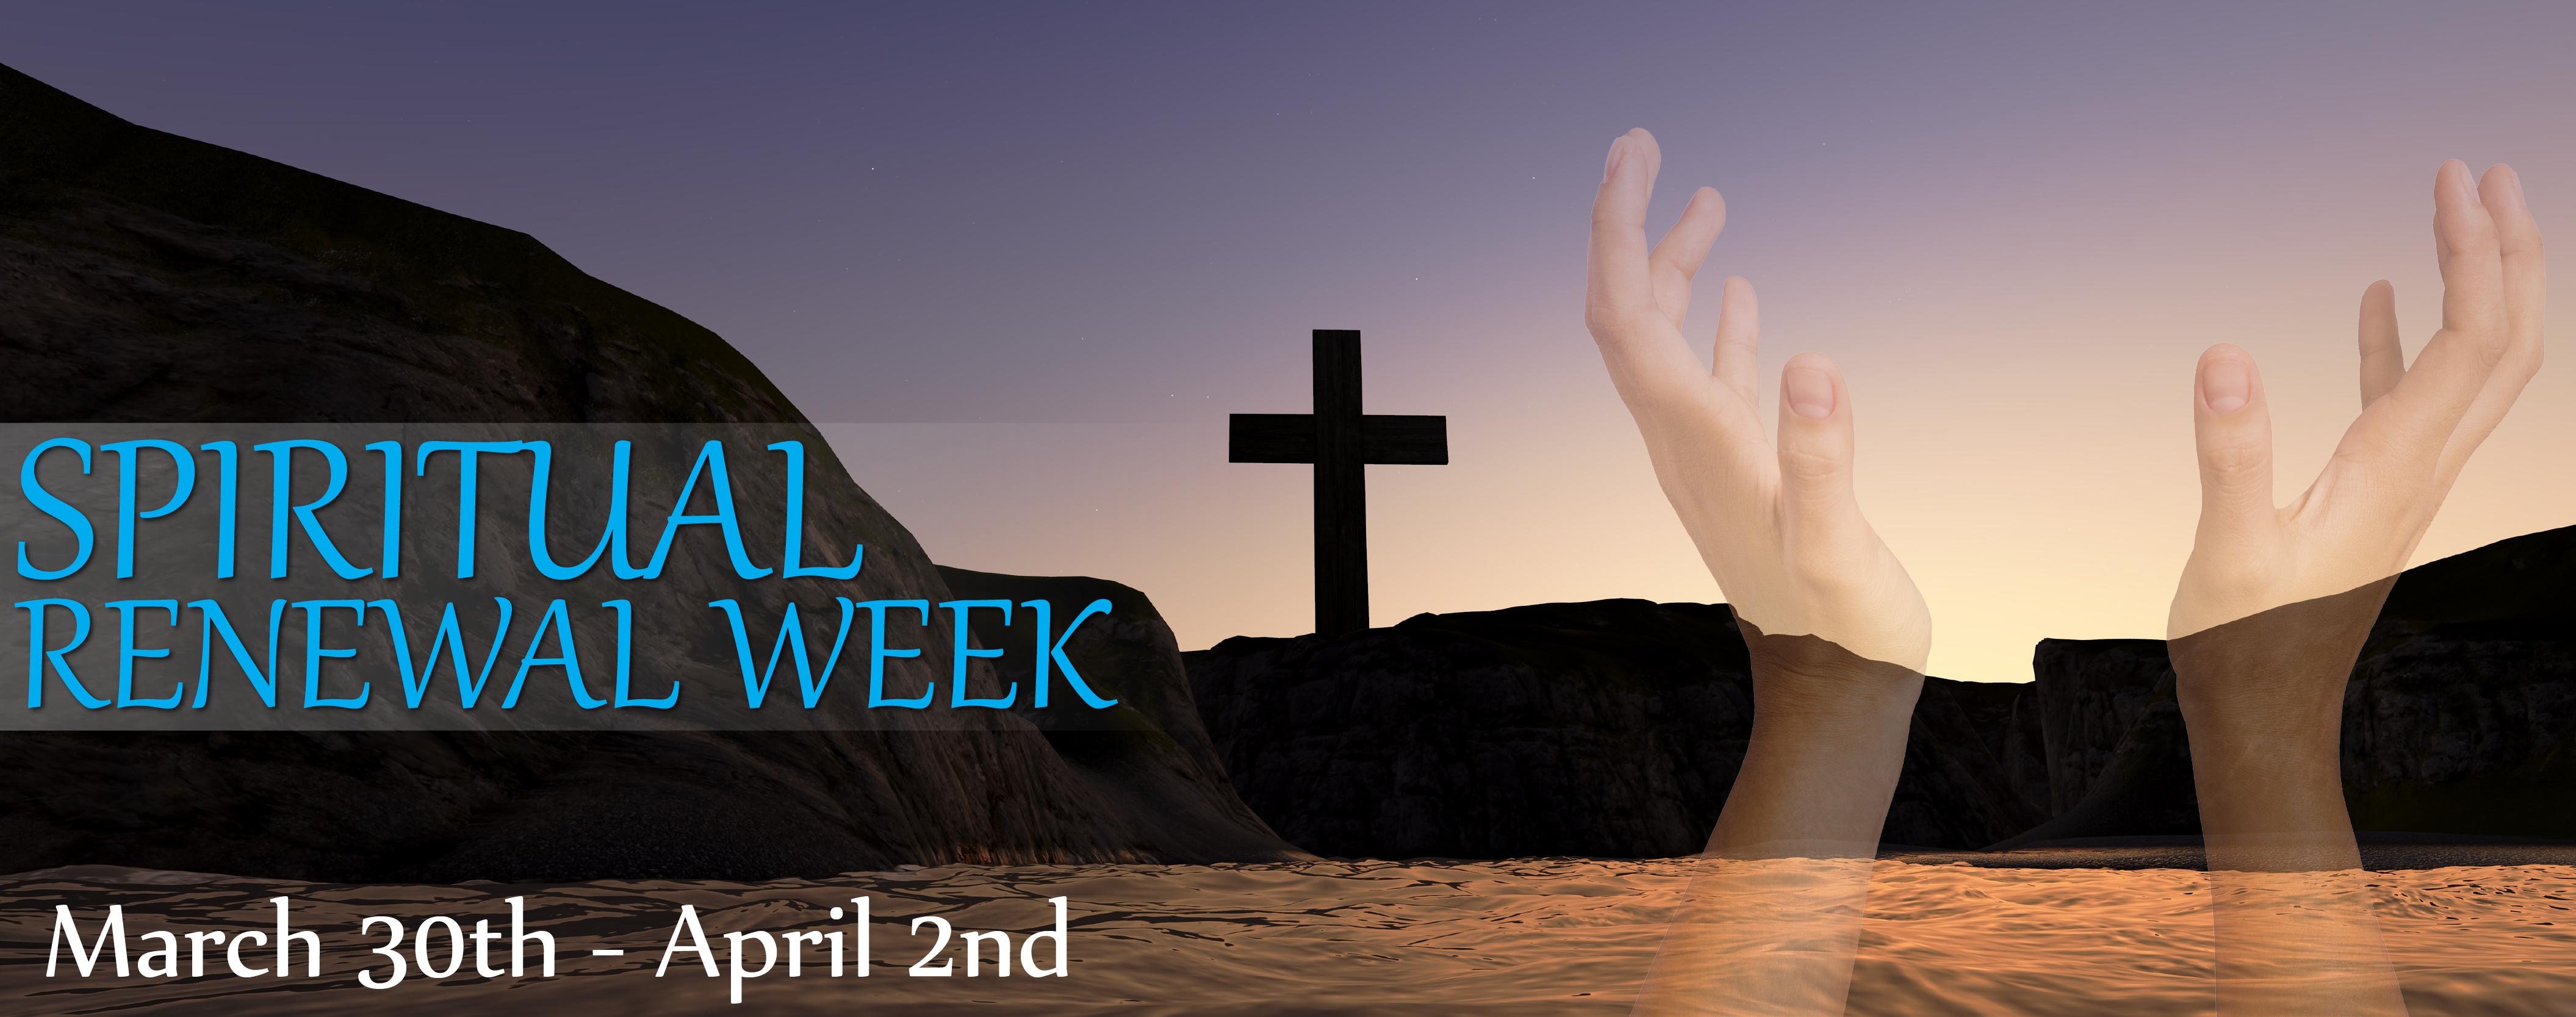 spiritual-renewal-week-01